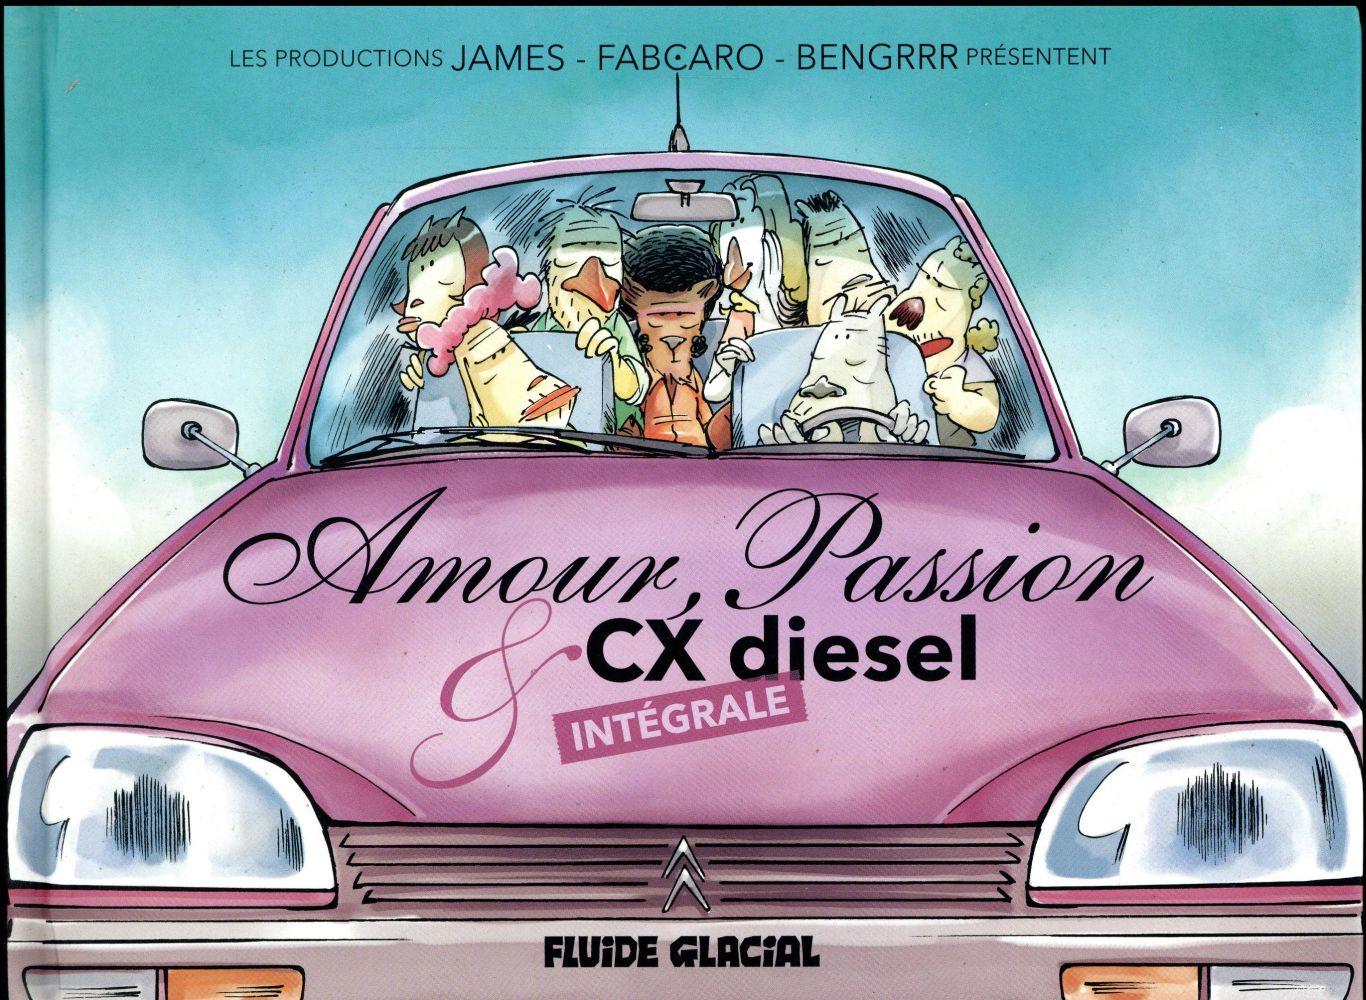 Amour passion et CX diesel ; intégrale